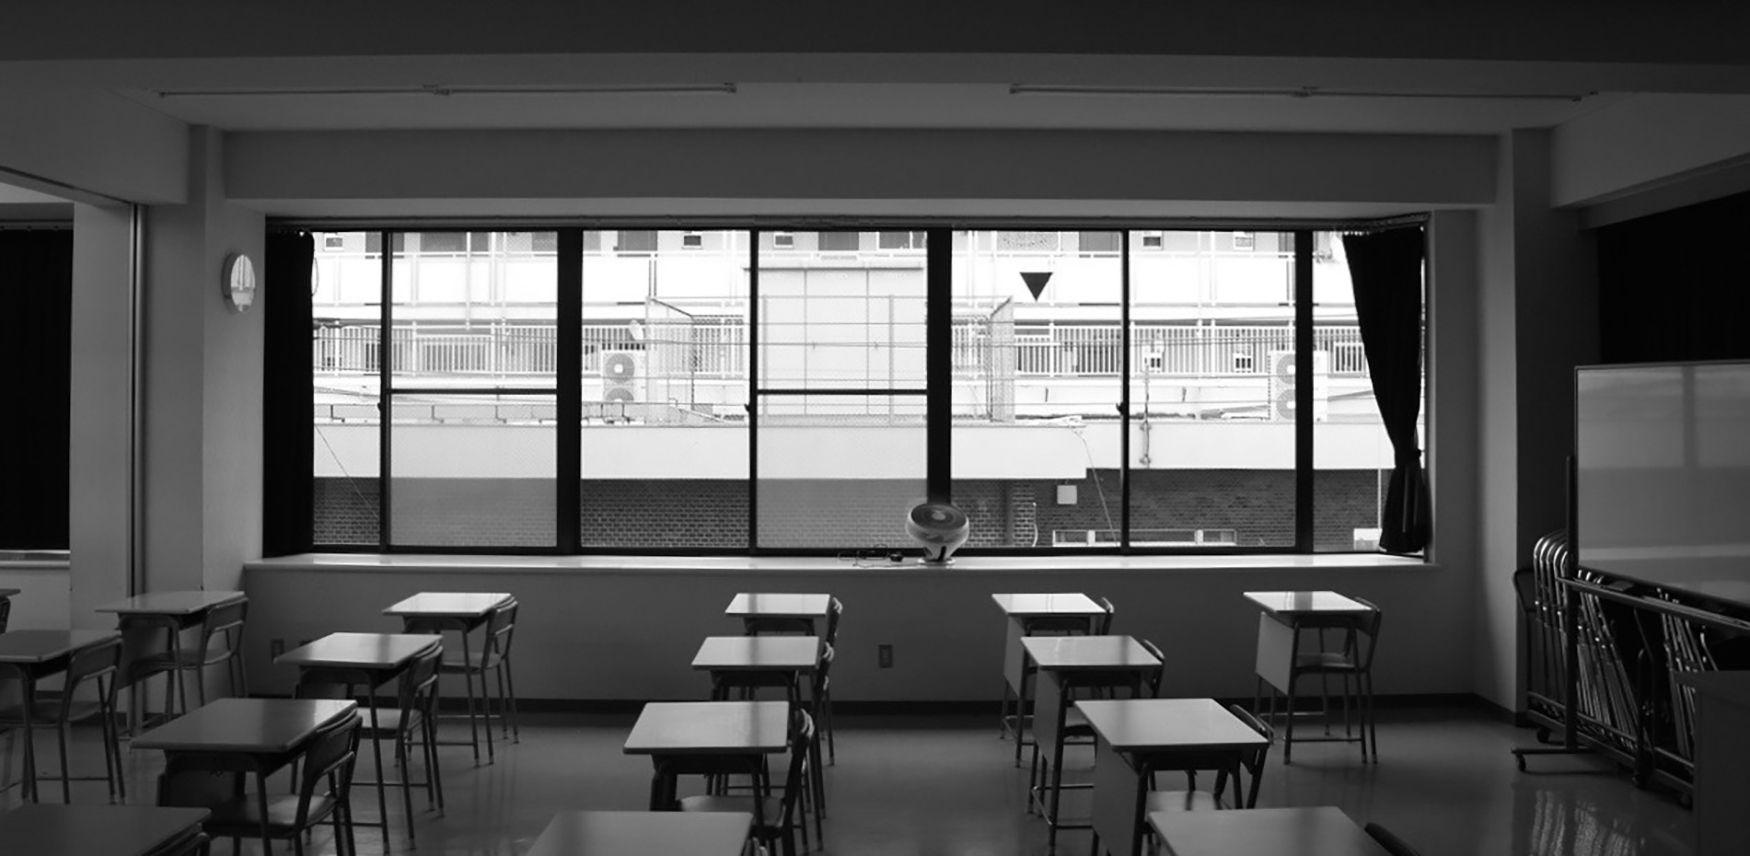 東京墨田看護専門学校【照井康穂建築設計事務所】